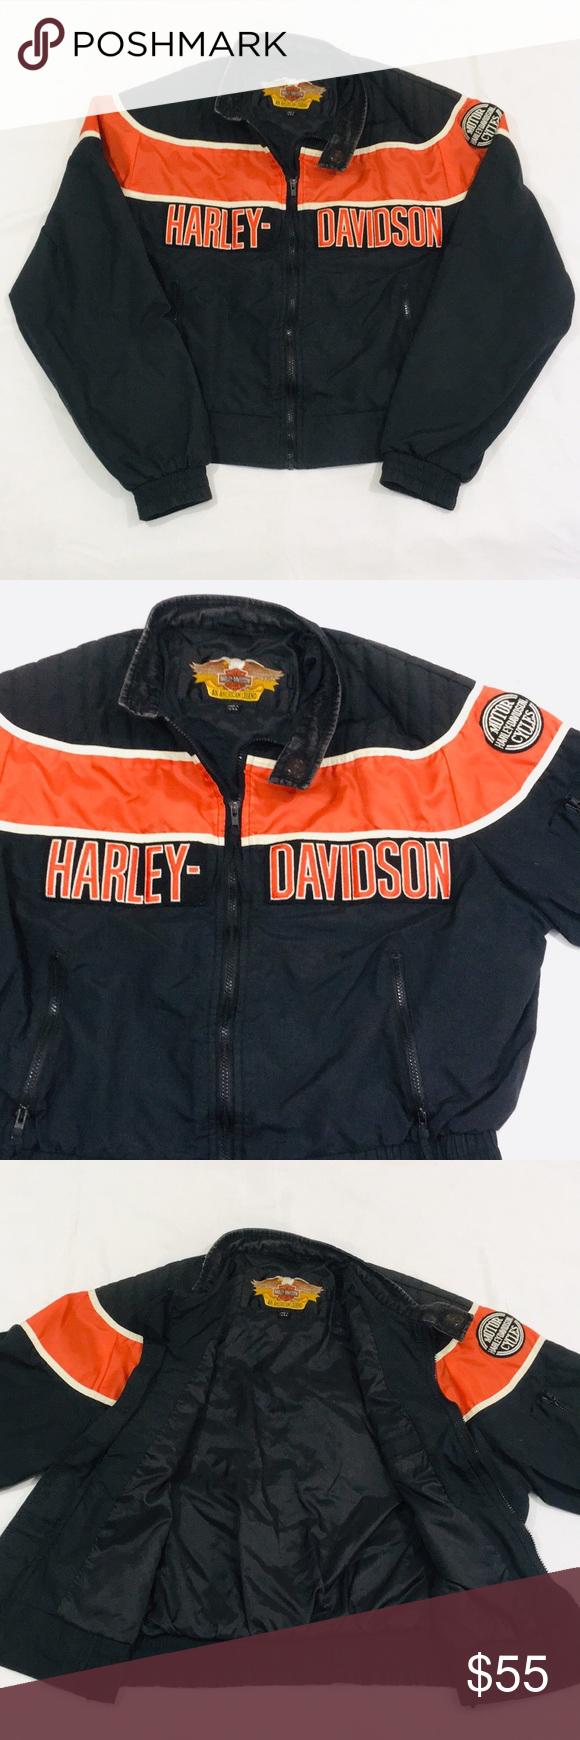 Vintage Embroidered Harley Davidson Racing Jacket Vintage Jacket Jackets Harley Davidson